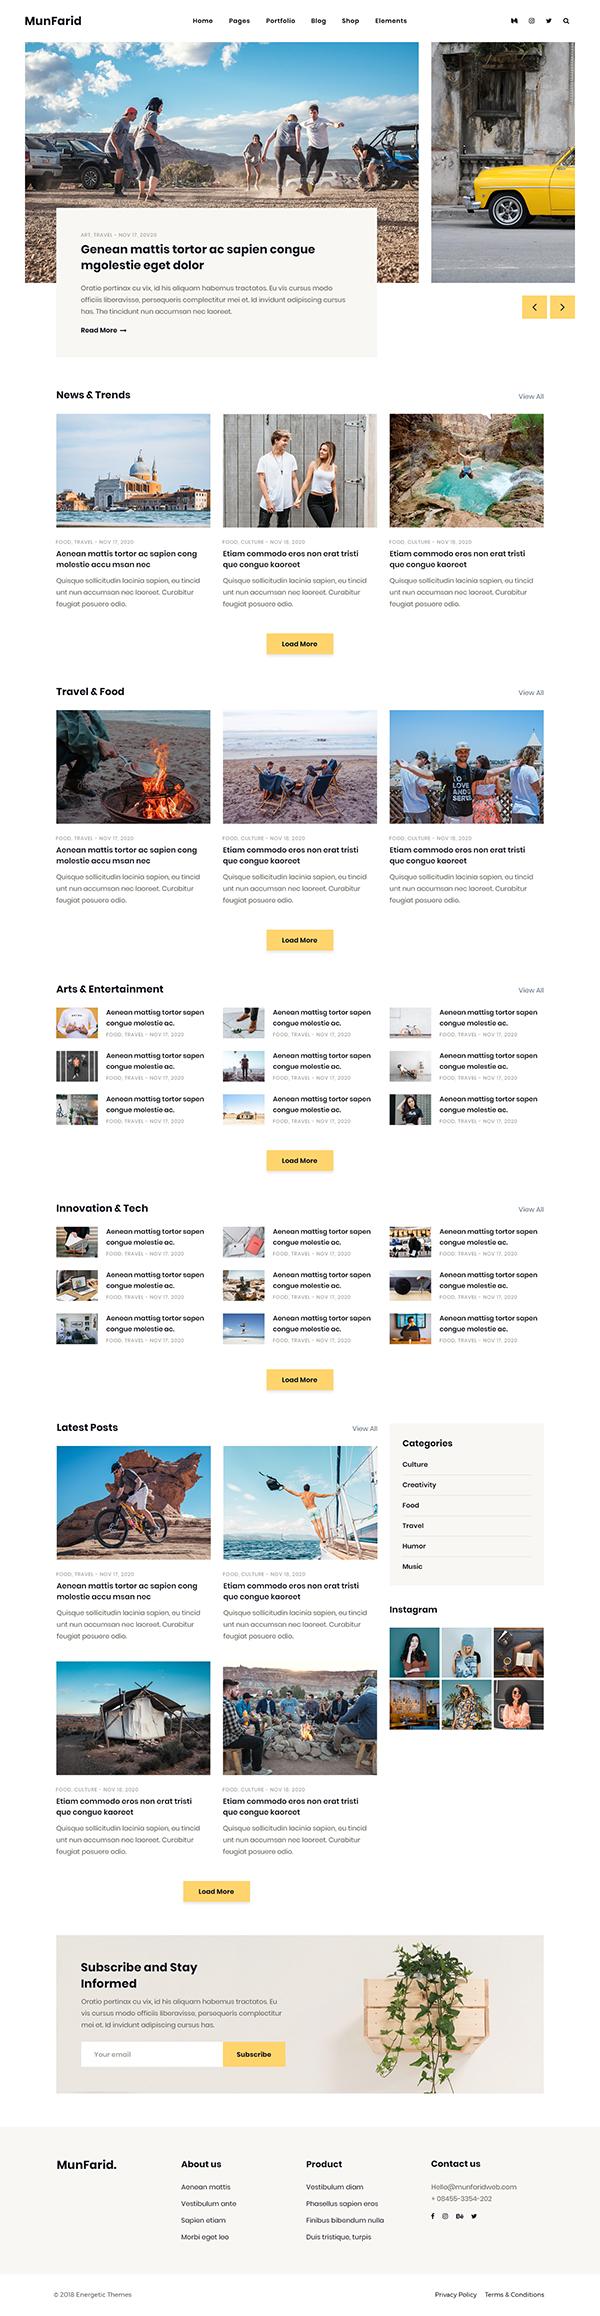 Munfarid - A WordPress Theme For Blog & Shop